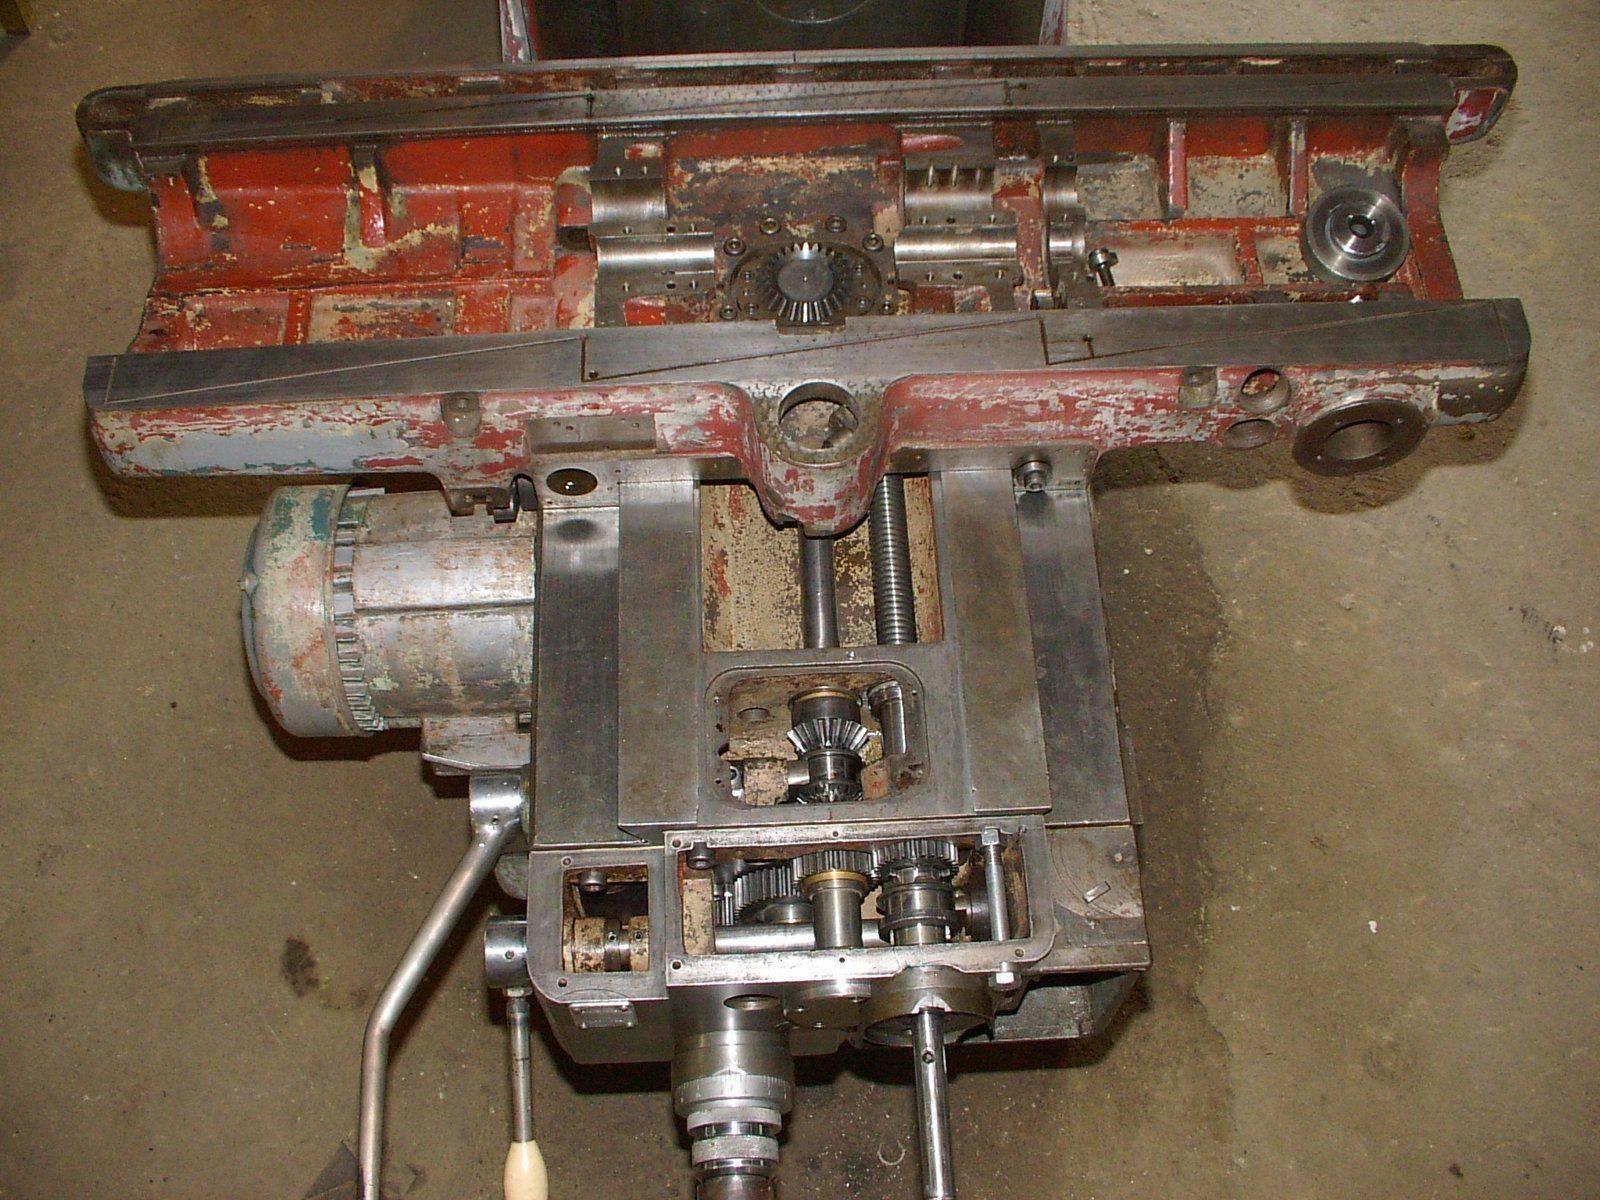 Console 2005-08-03 18-17-07.JPG